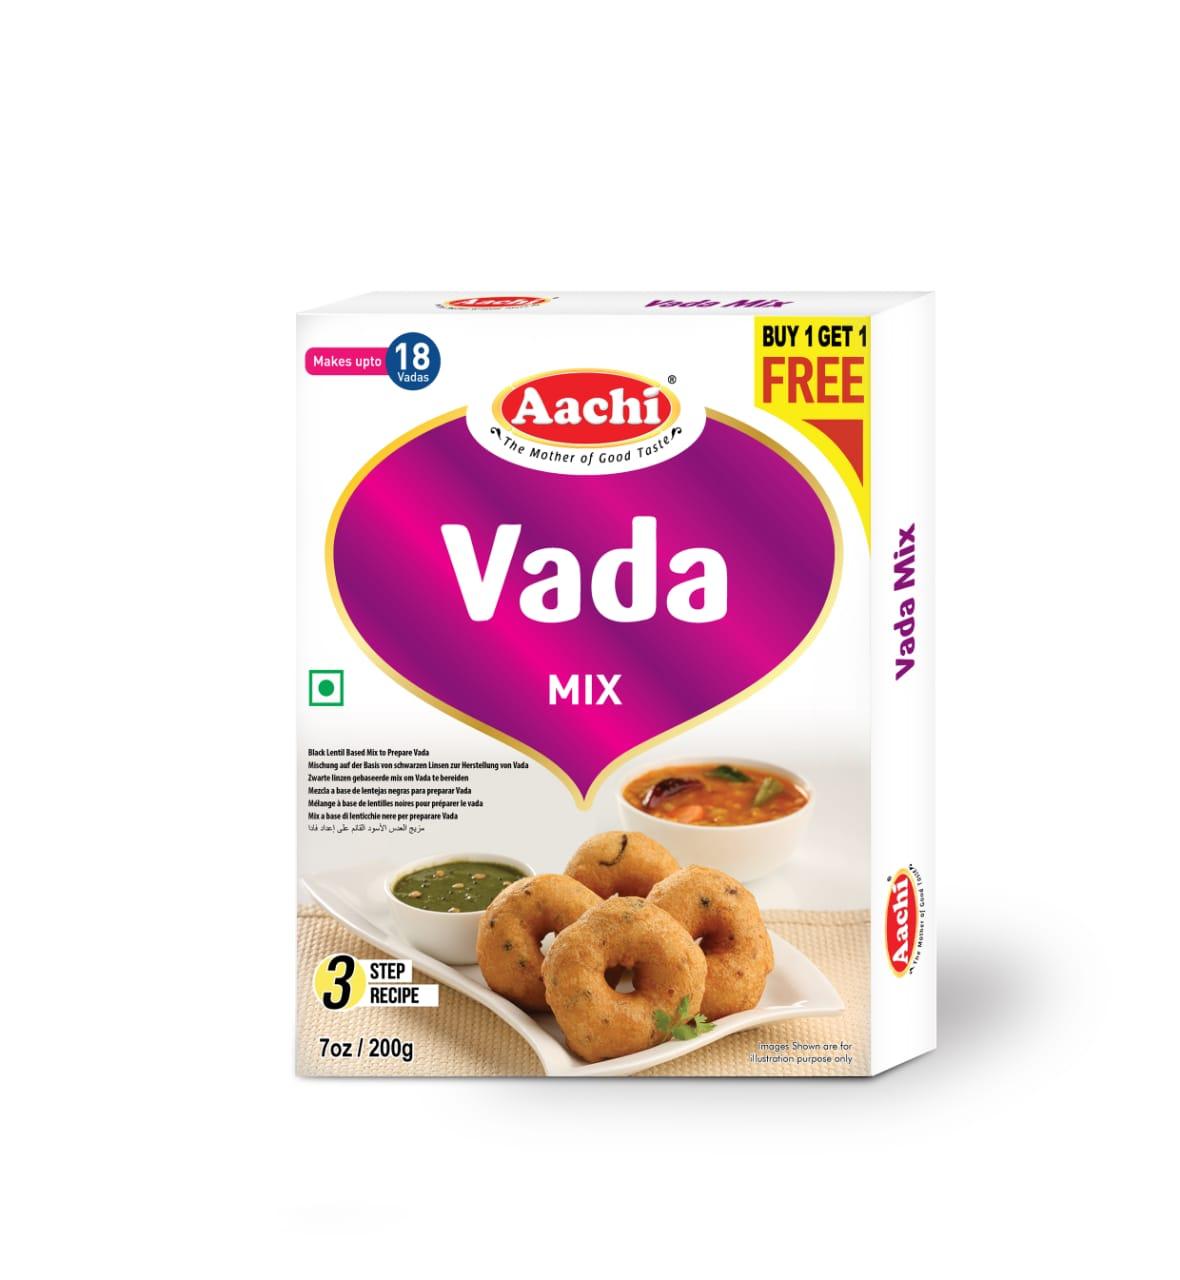 Aachi Vada Mix